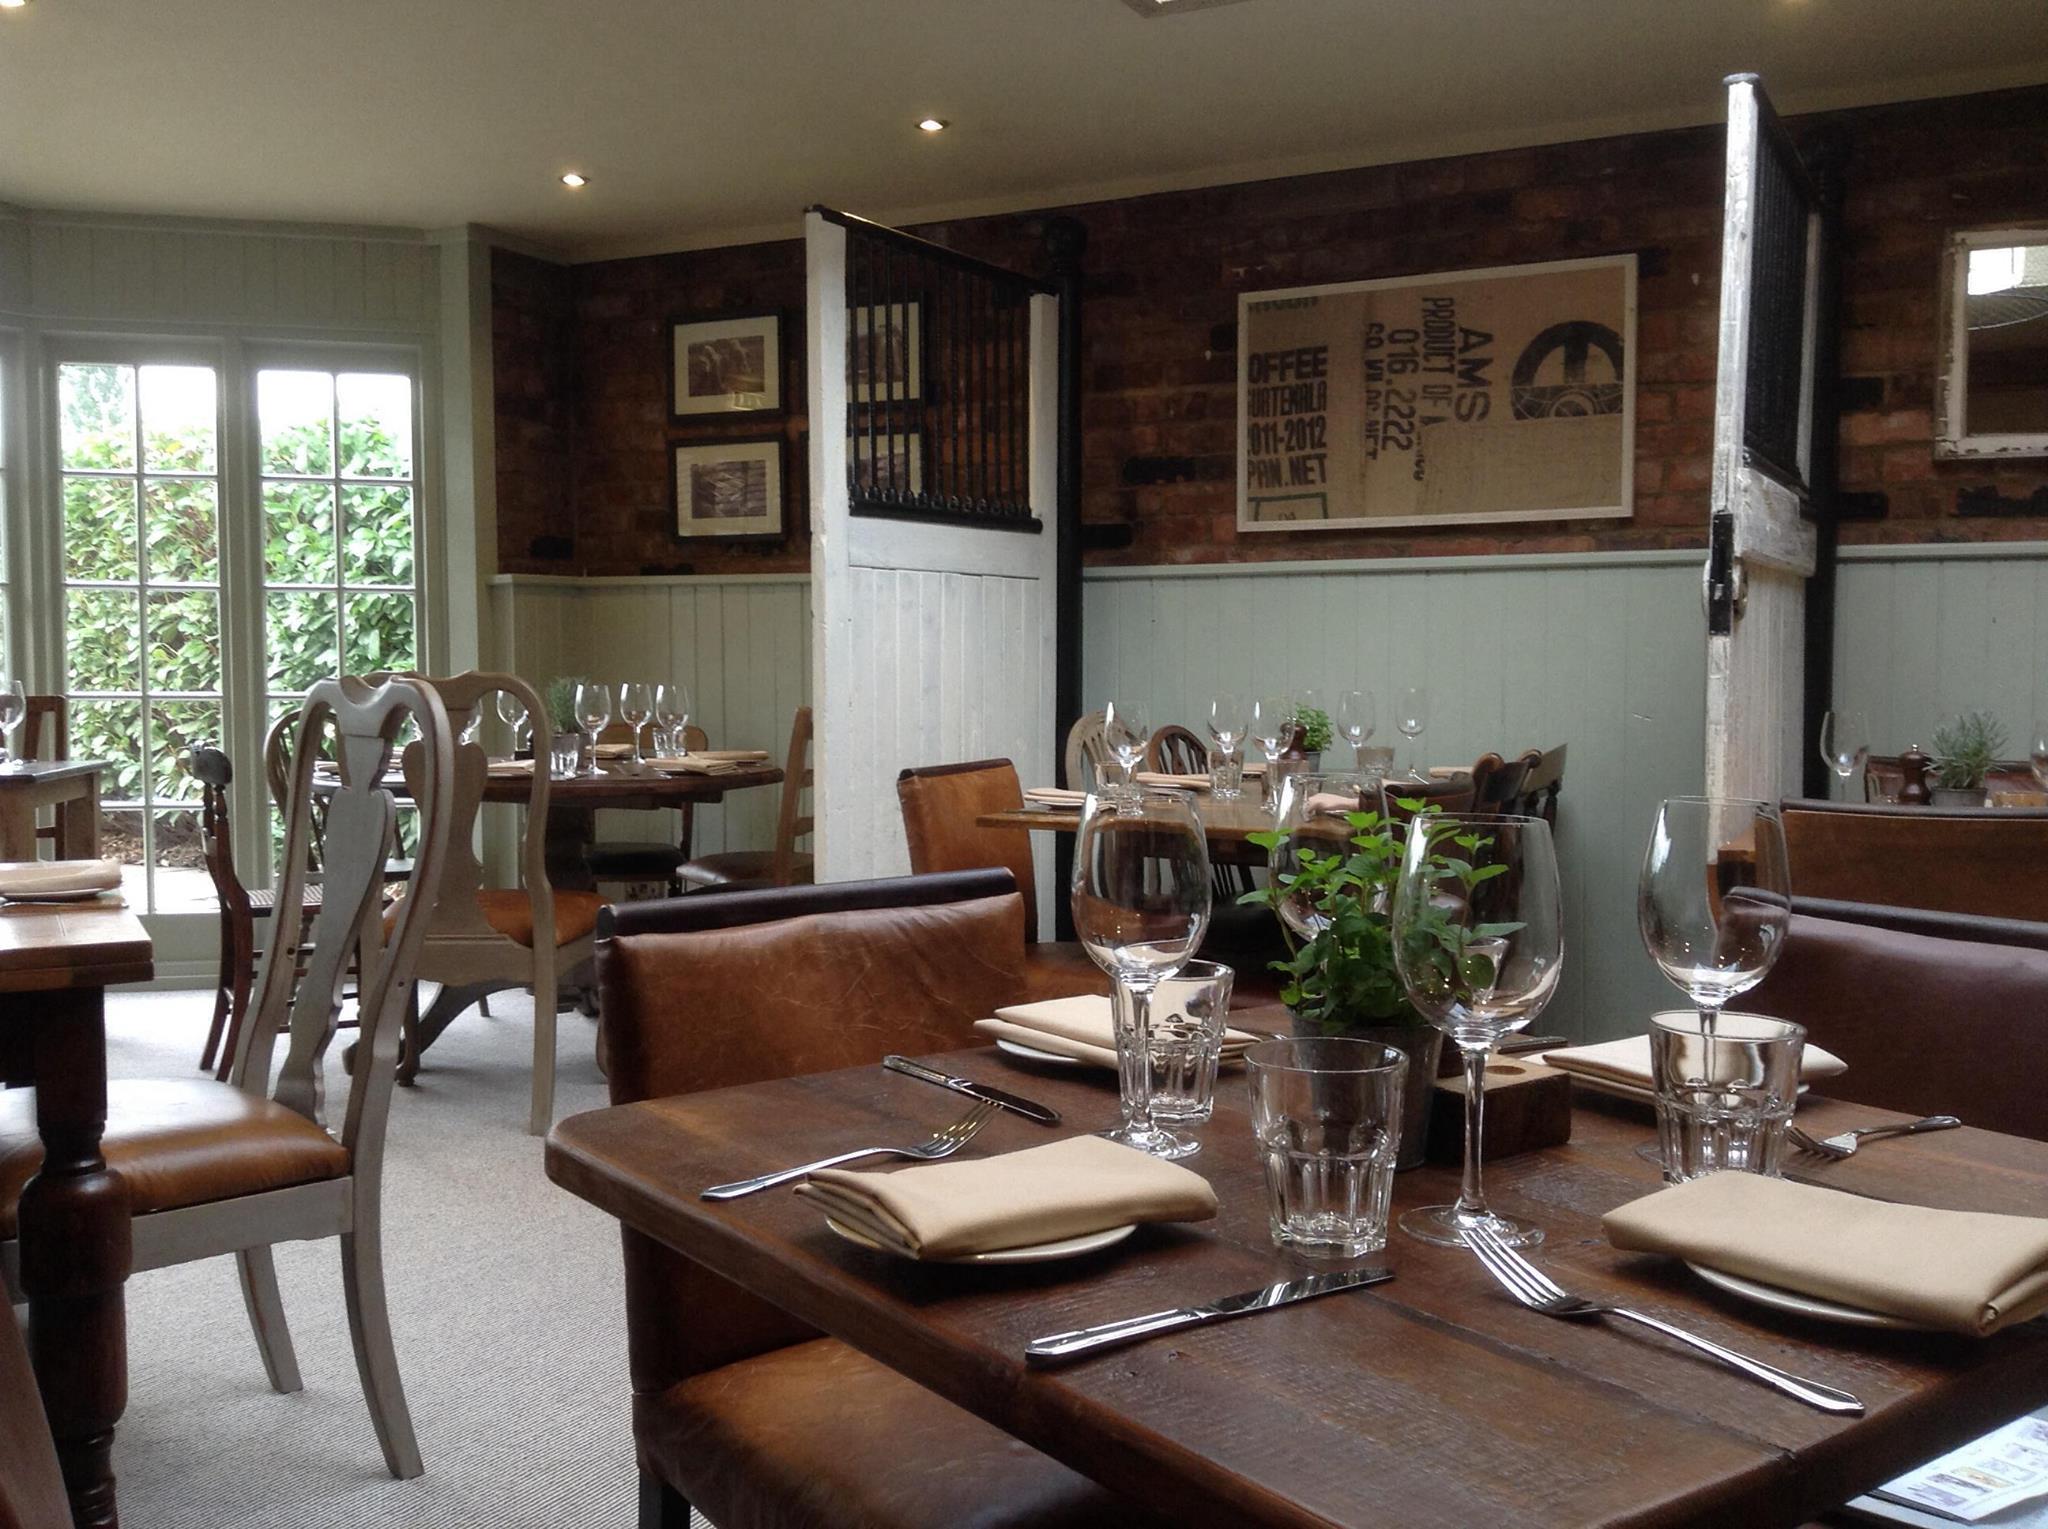 The Bunk Inn, Curridge